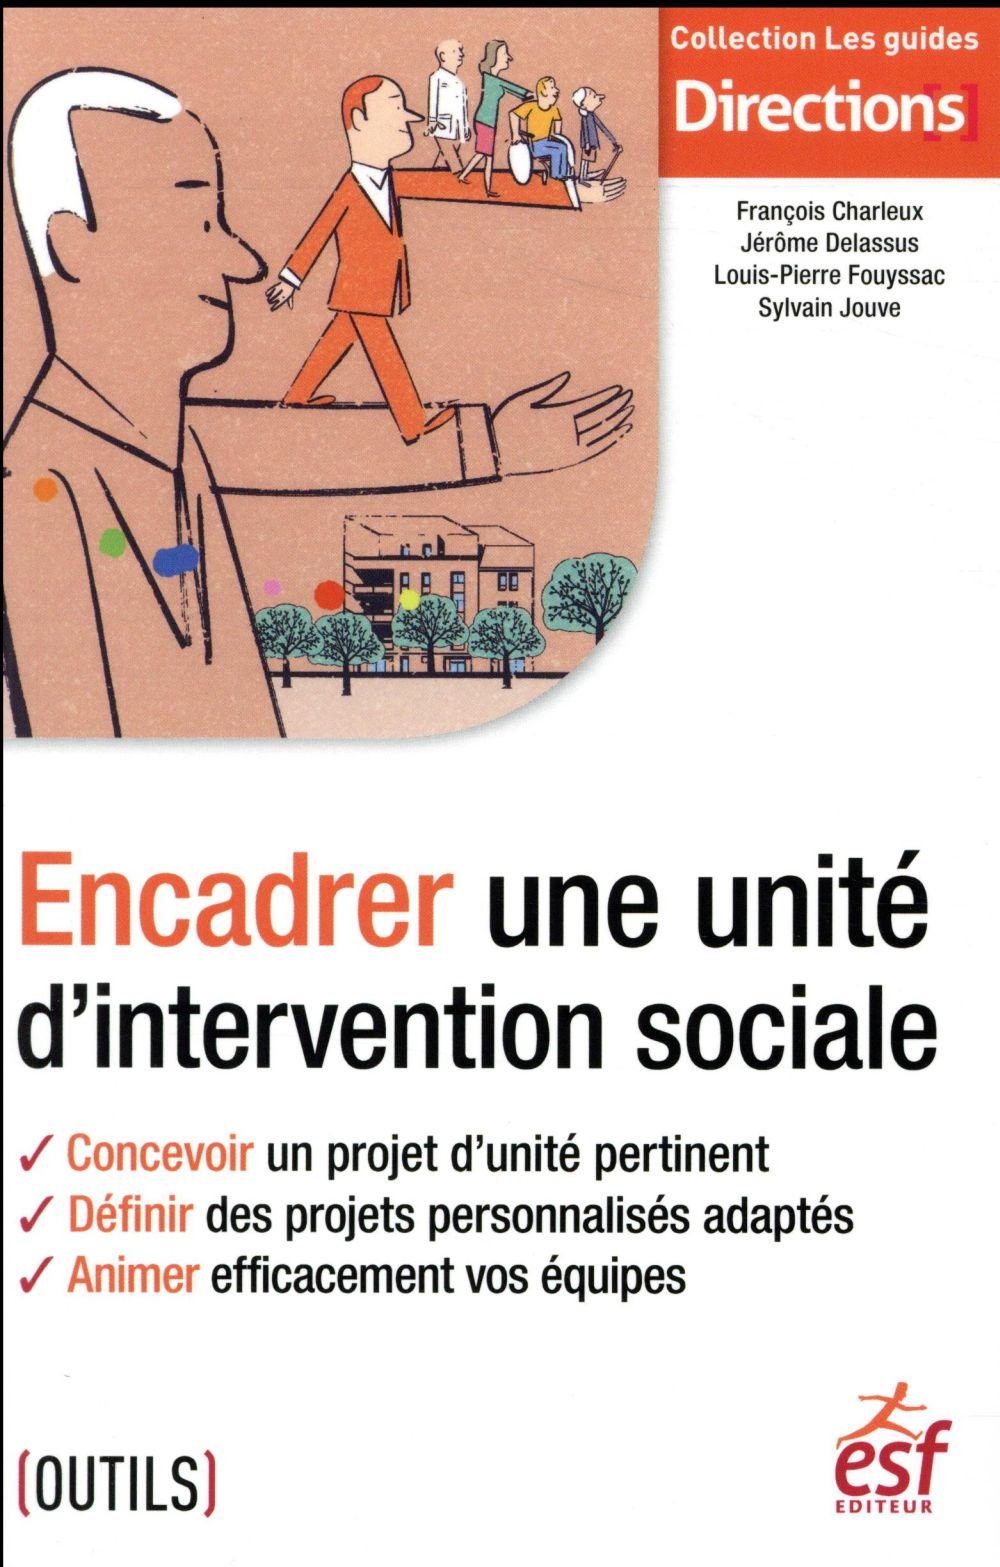 Encadrer une unité d'intervention sociale